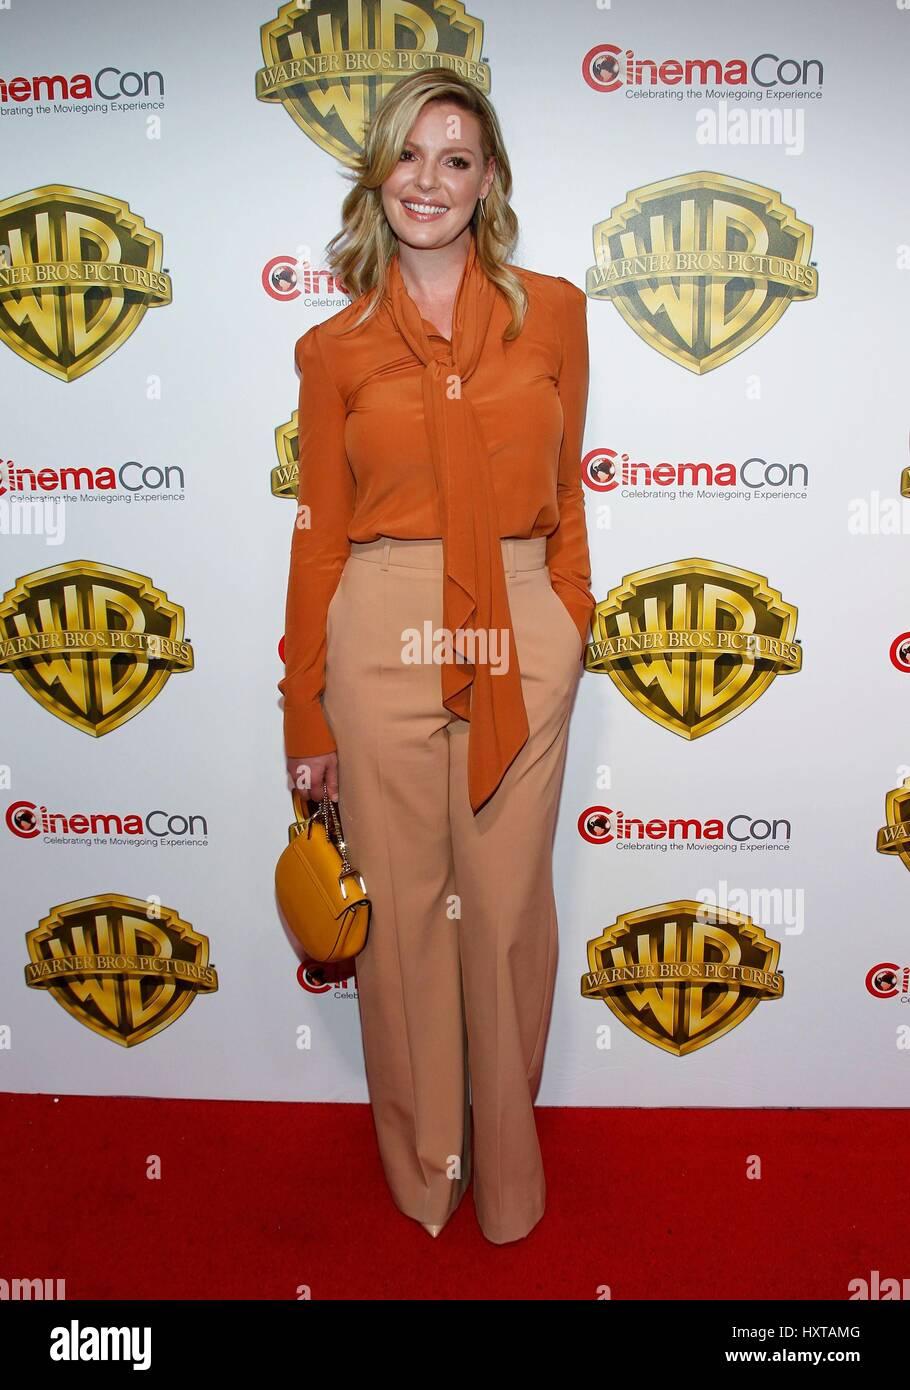 Las Vegas, NV, EE.UU.. 29 Mar, 2017. Katherine Heigl en la terminal de llegadas de Warner Bros Pictures te invita Imagen De Stock